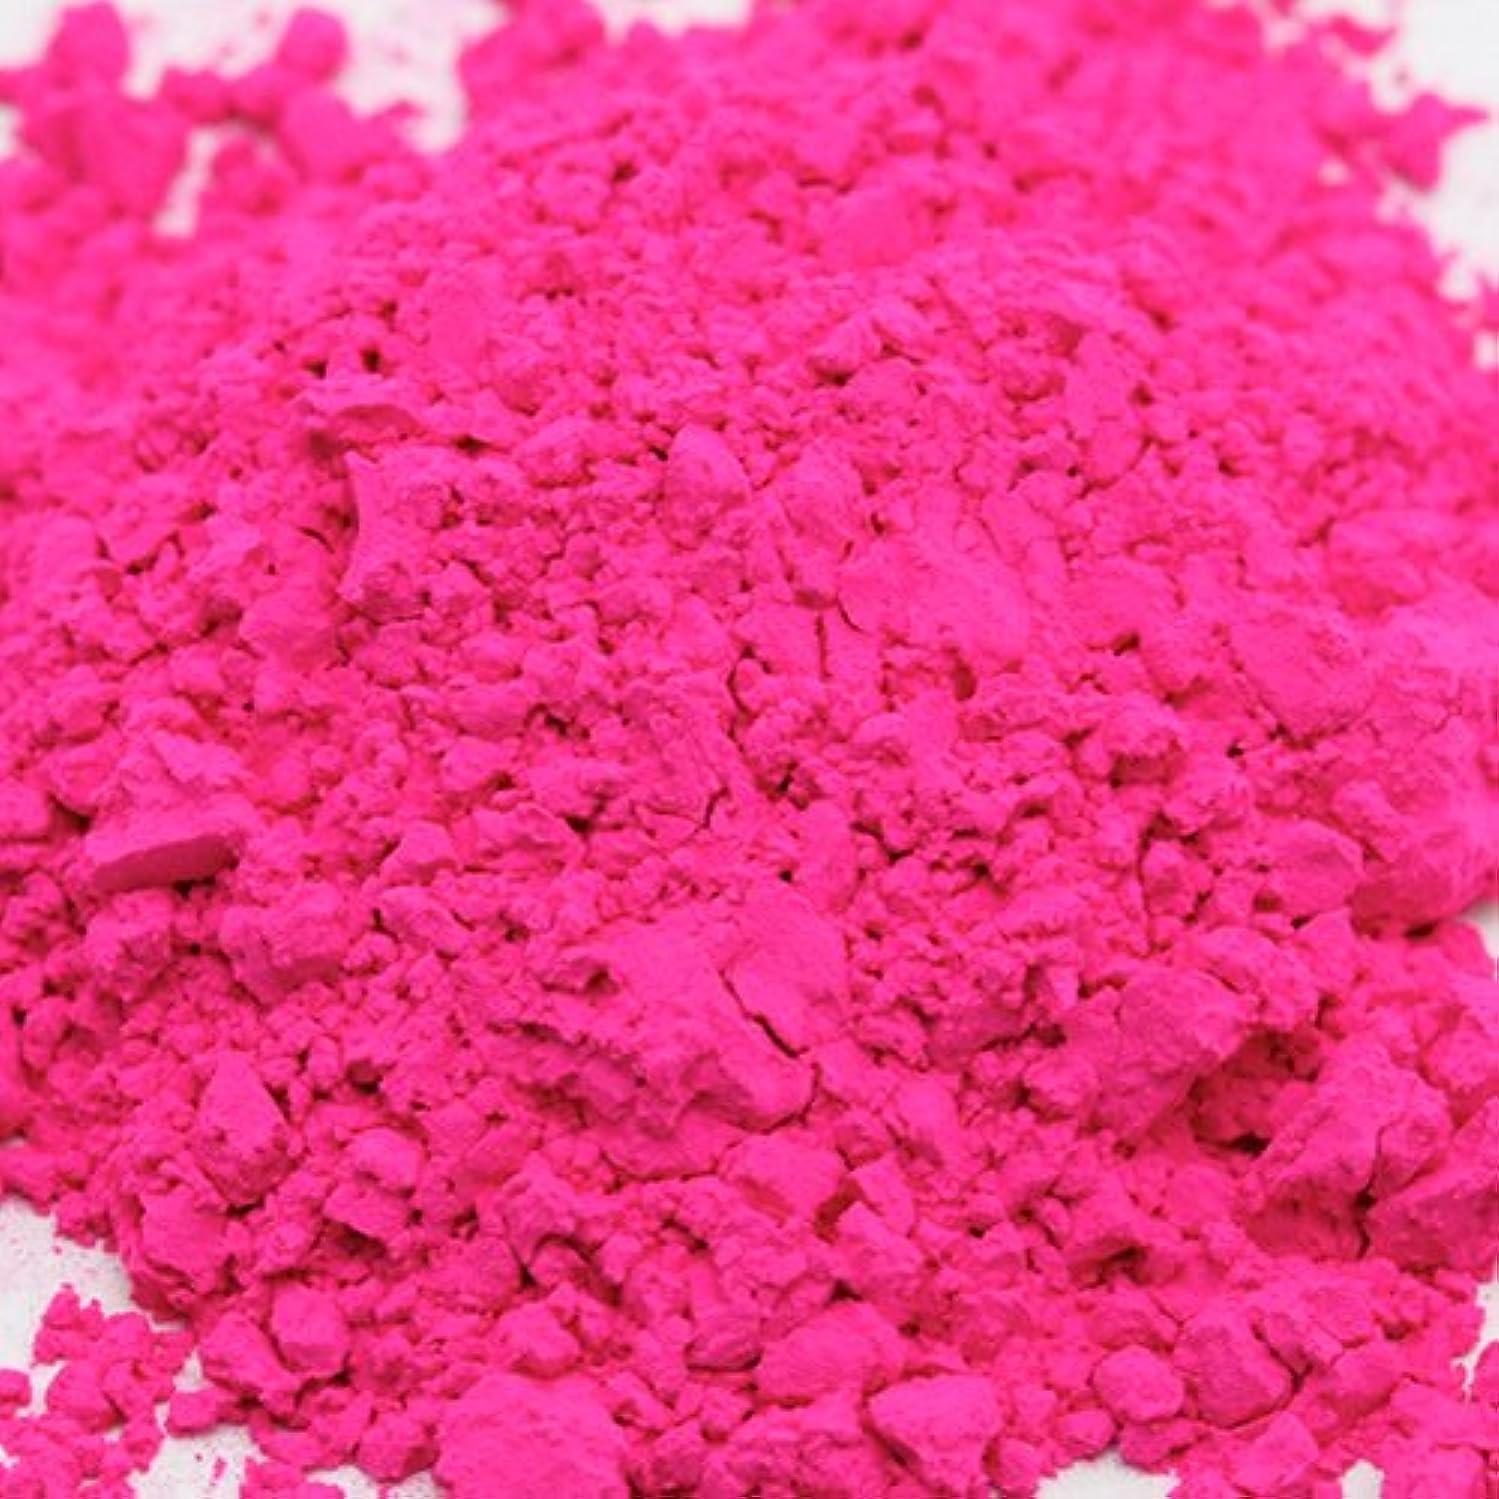 急勾配の放射性大臣キャンディカラー ピンク 5g 【手作り石鹸/手作りコスメ/色付け/カラーラント】